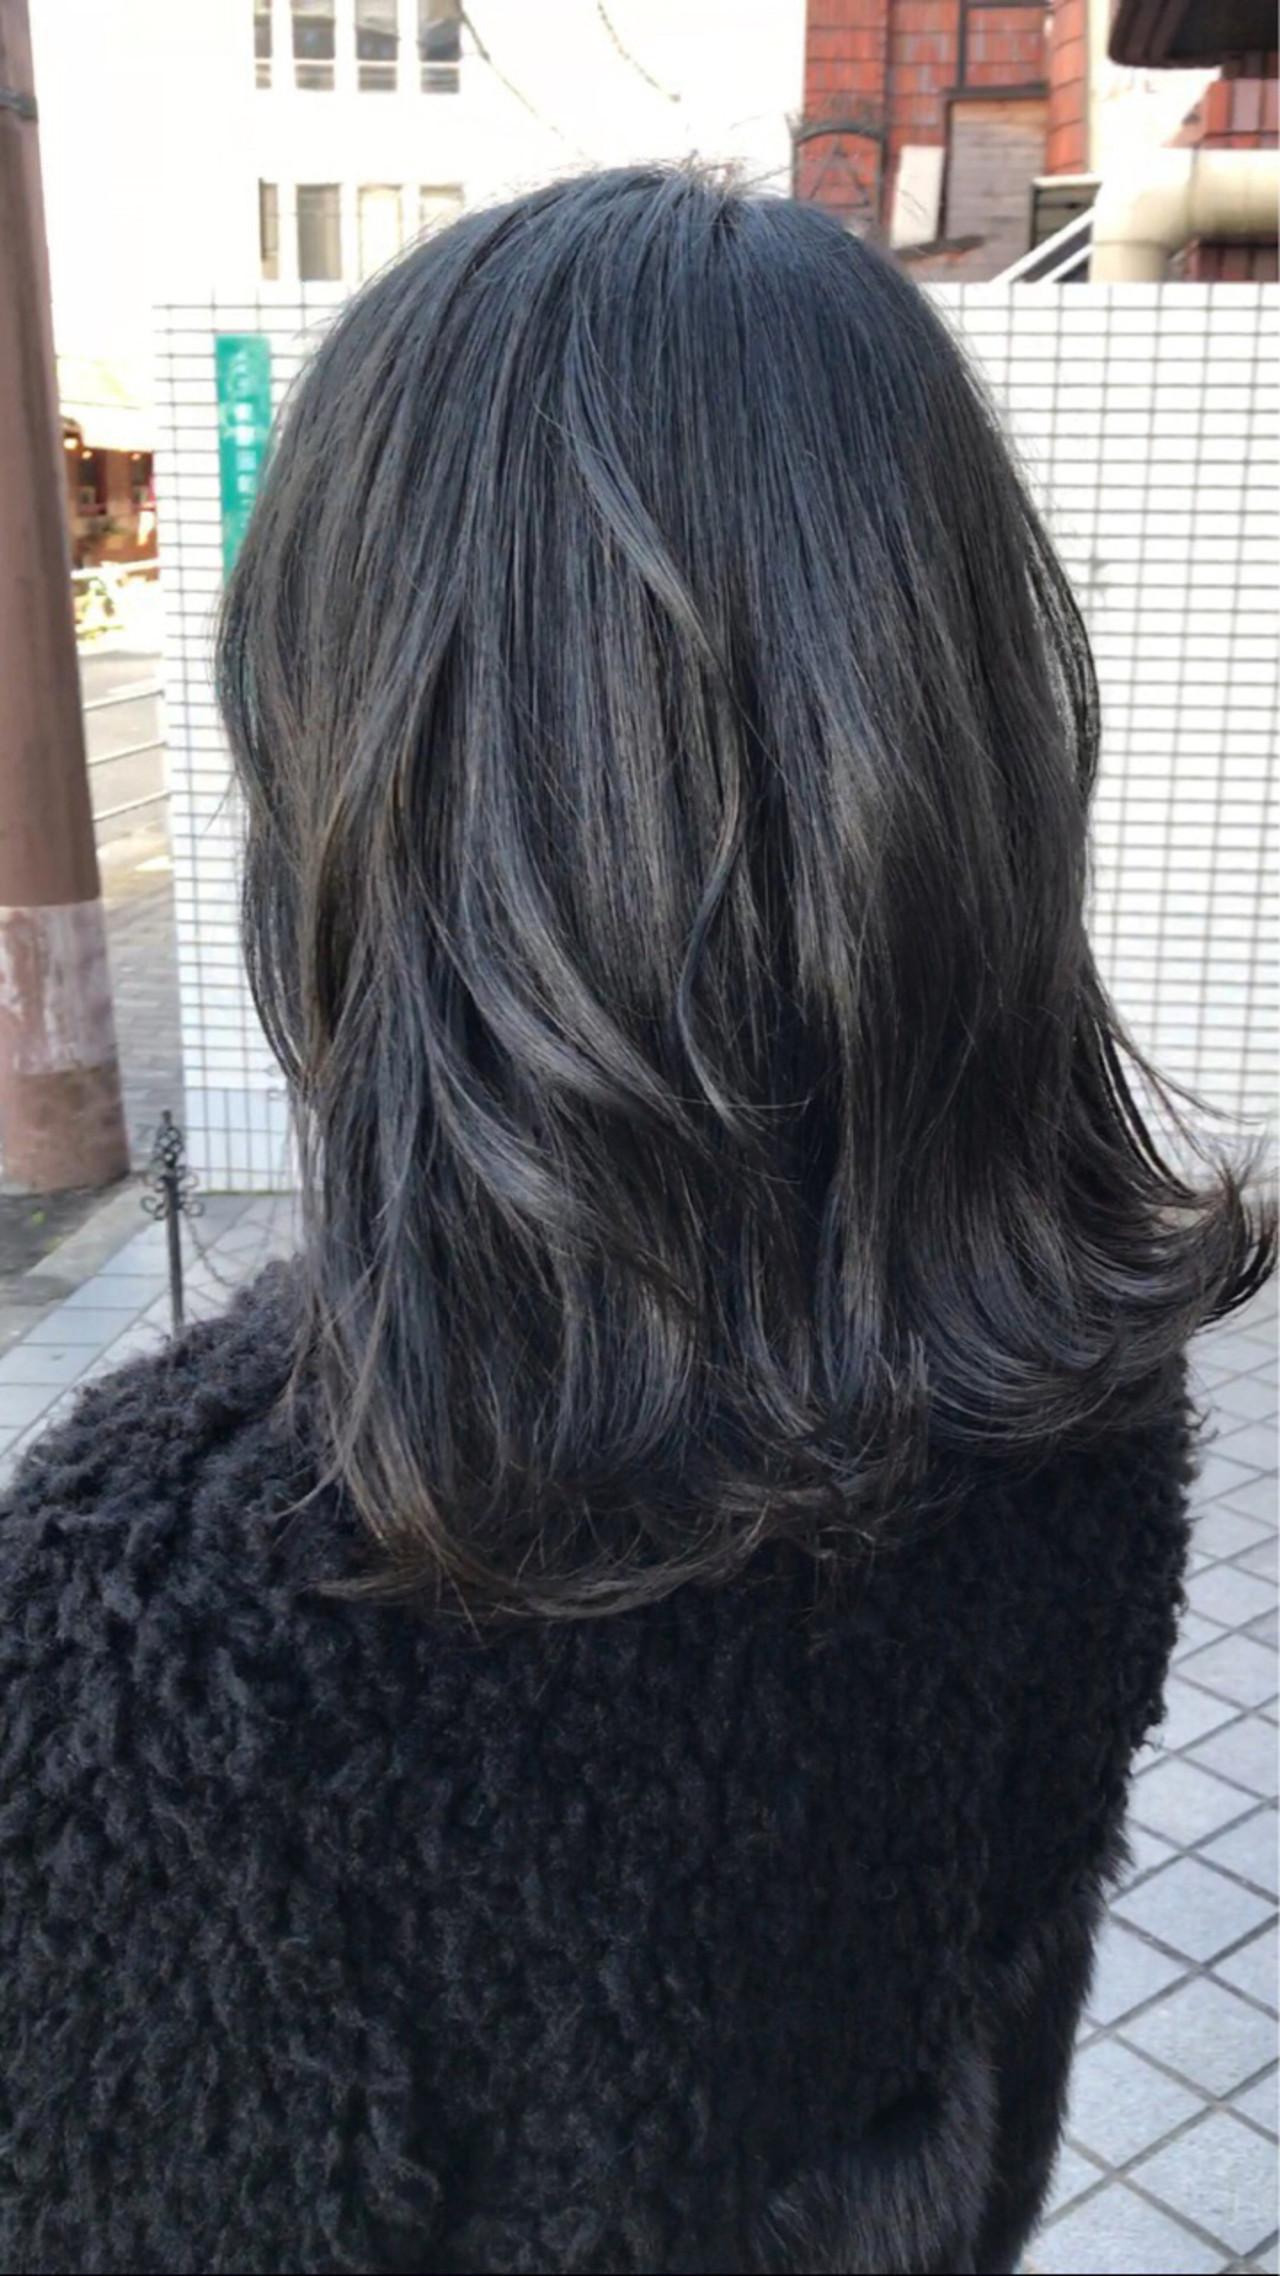 簡単ヘアアレンジ ブルーブラック ナチュラル ミディアム ヘアスタイルや髪型の写真・画像